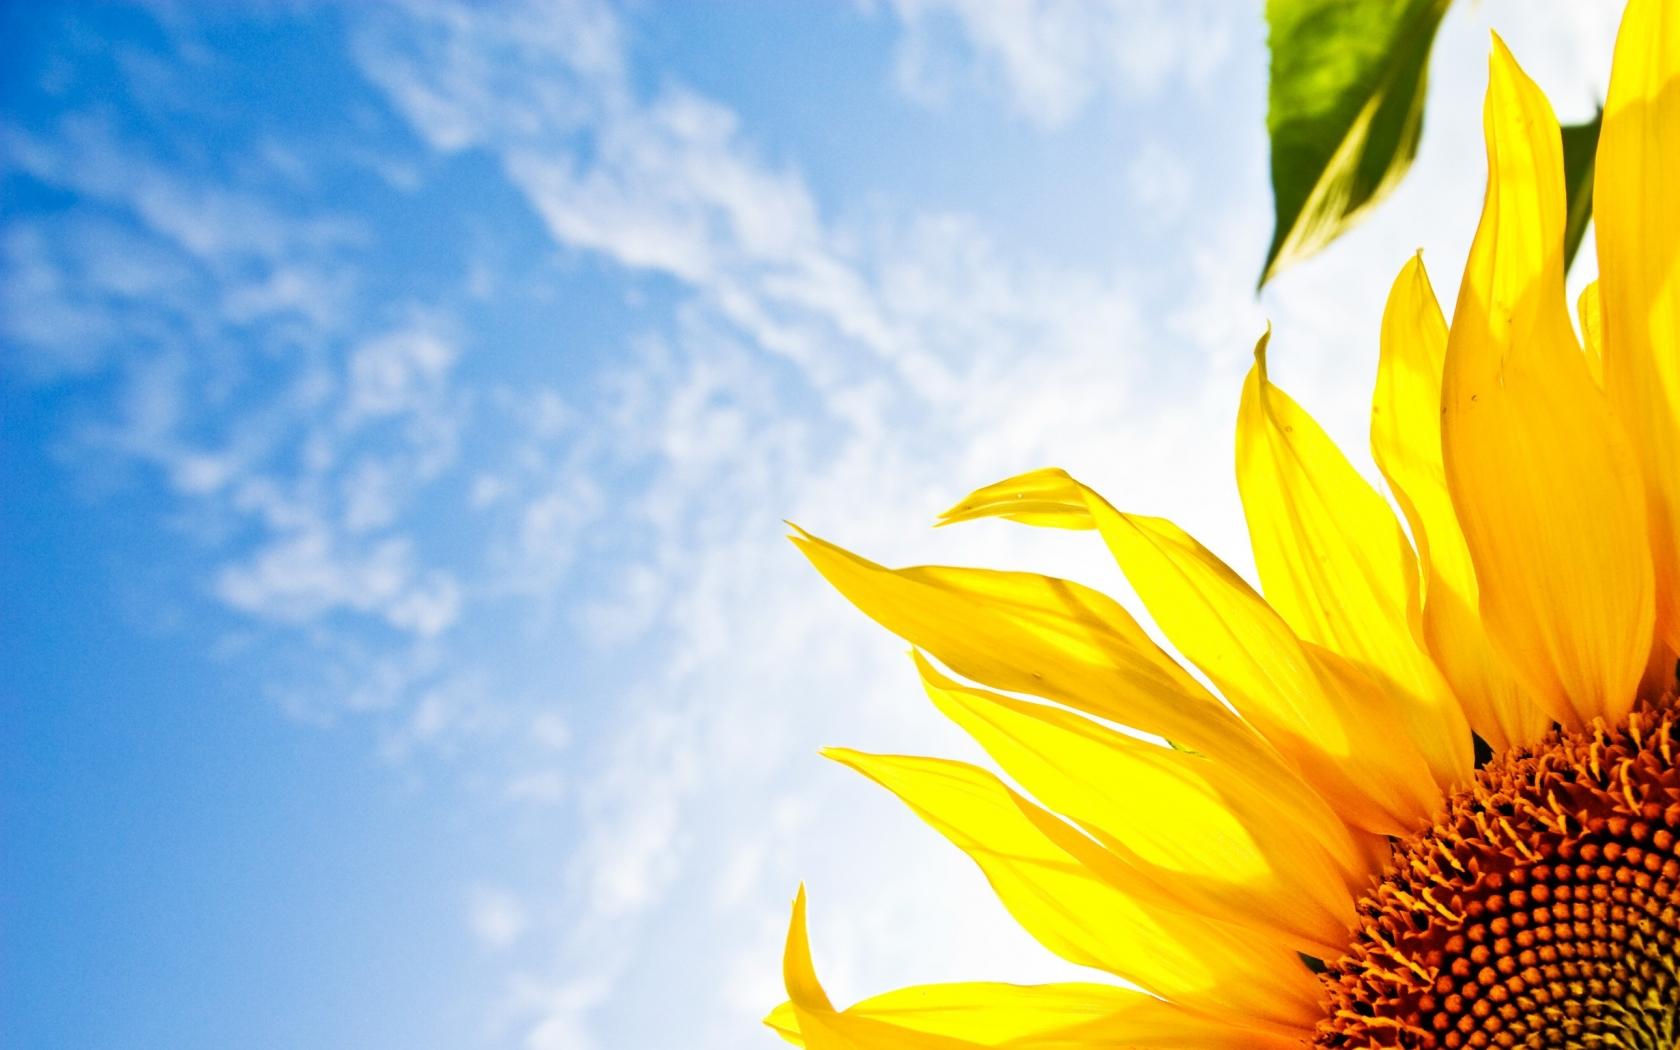 Girasol a la luz del sol - 1680x1050